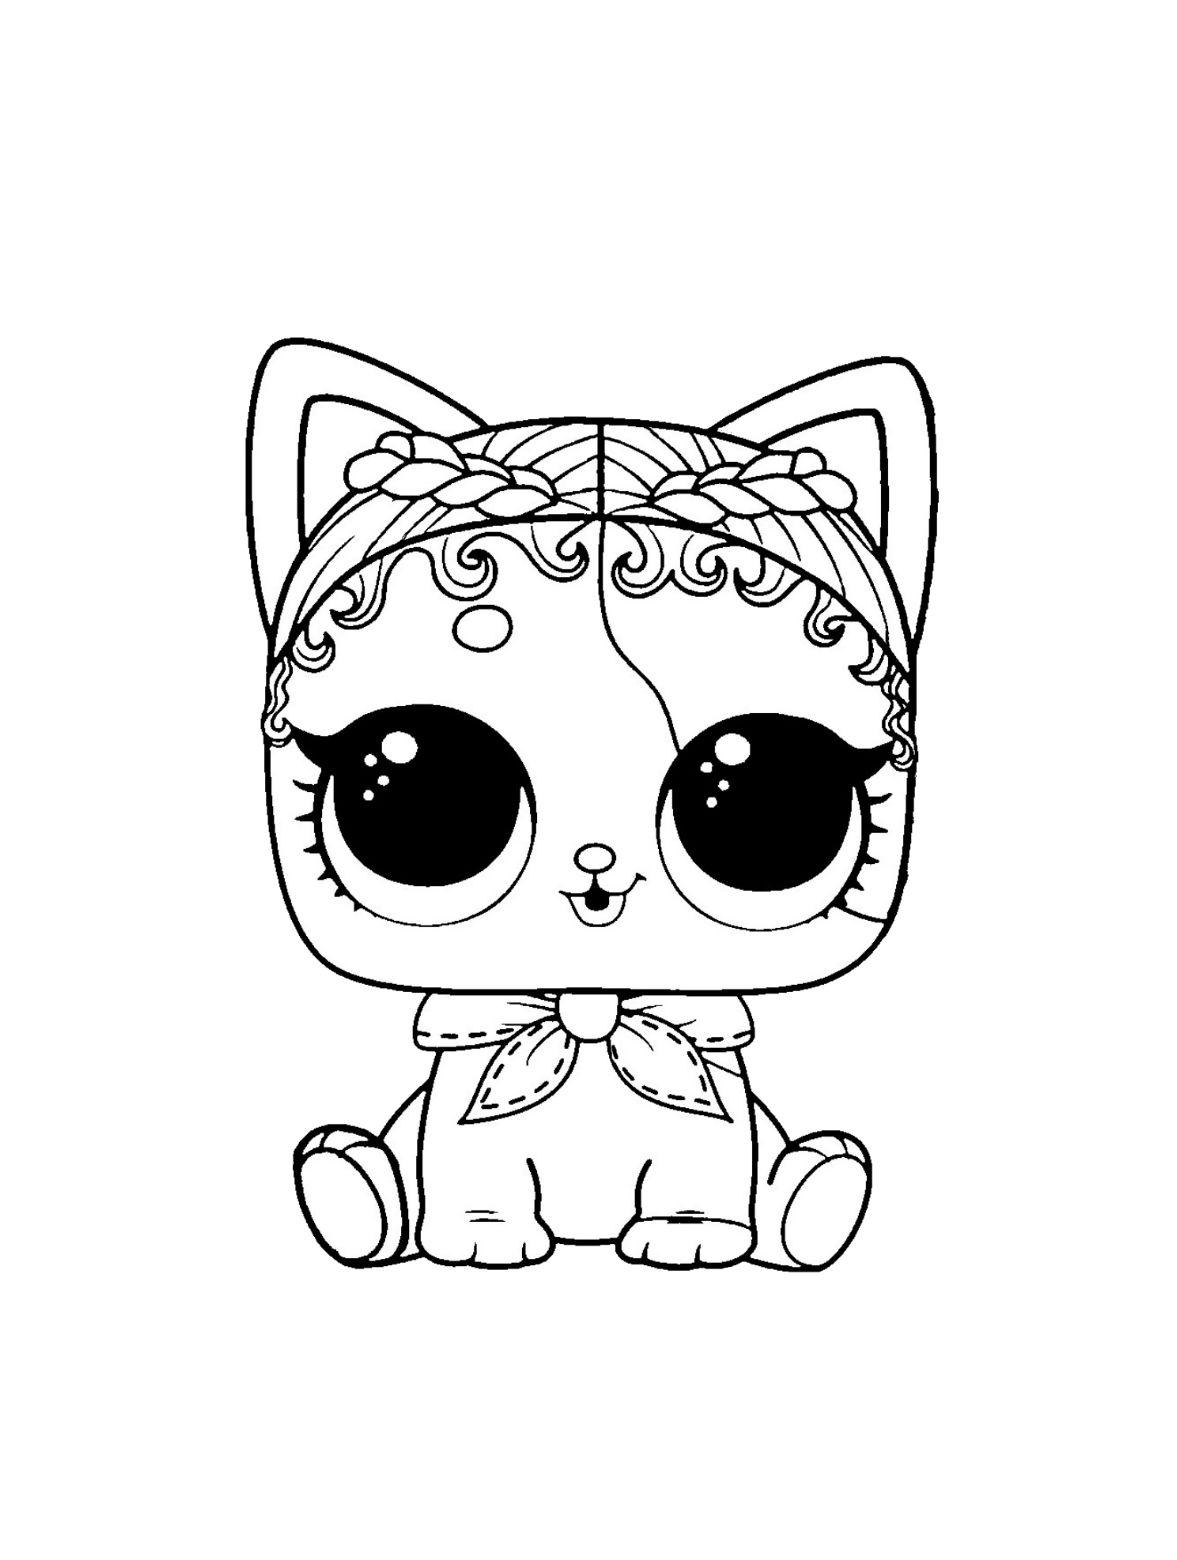 Lol Surprise Pets Coloring Page Desenhos Para Colorir Imprimir Desenhos Para Colorir Desenhos Fofos Tumblr